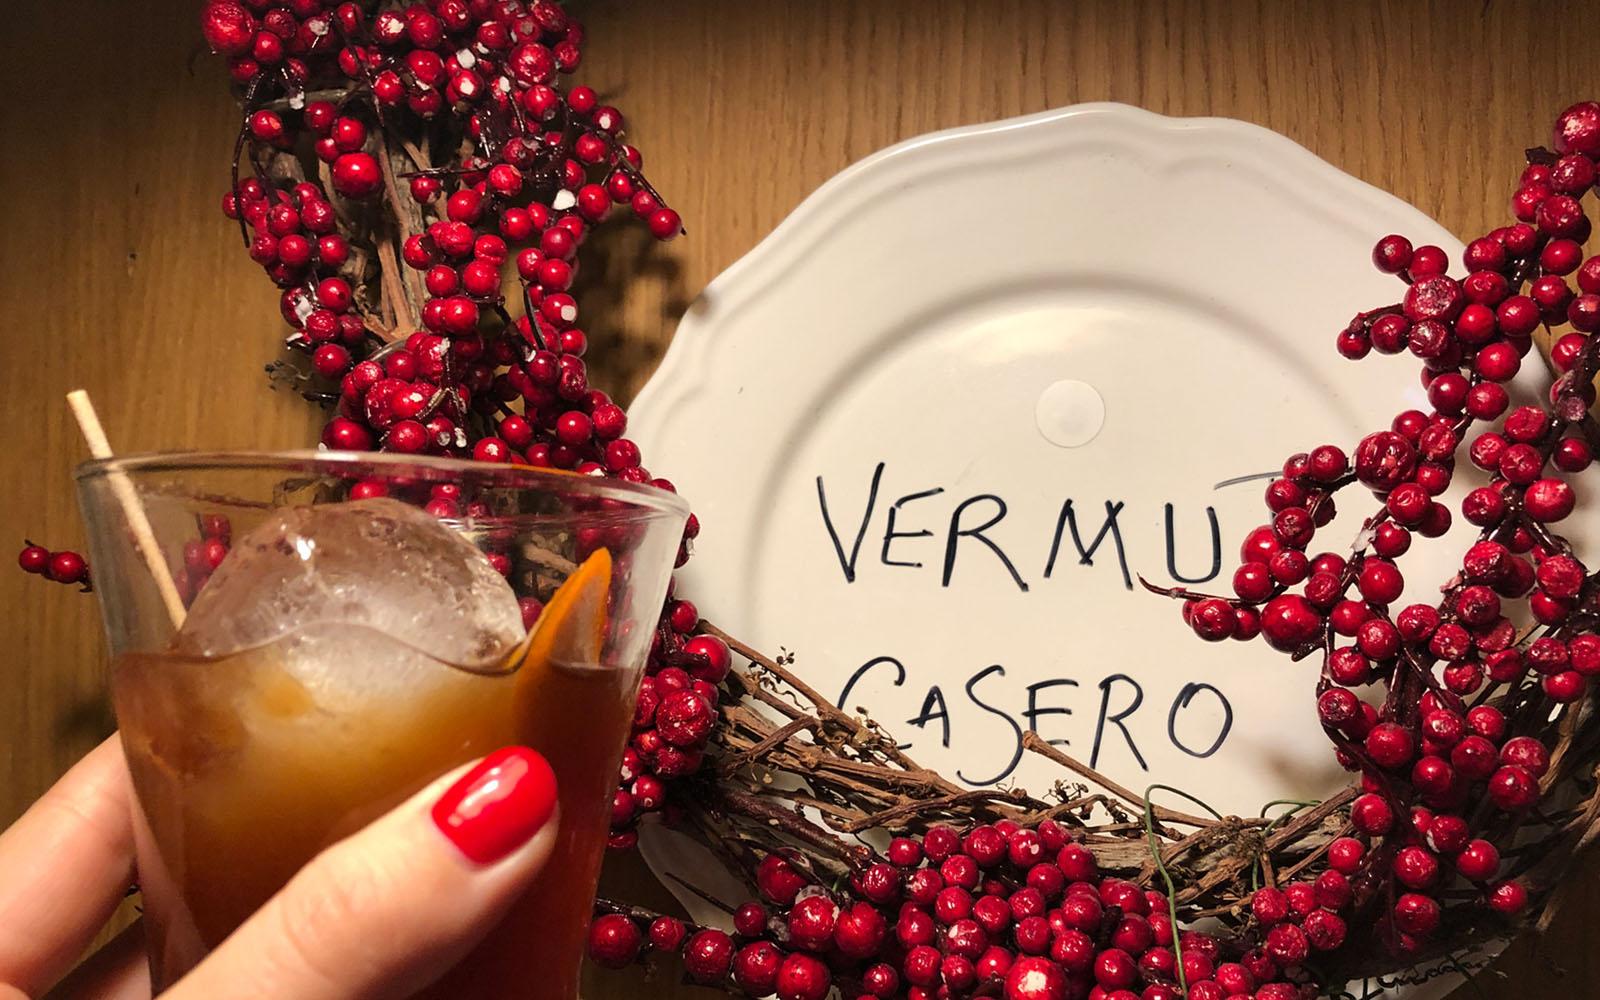 Una dei drink più popolari, il vermut